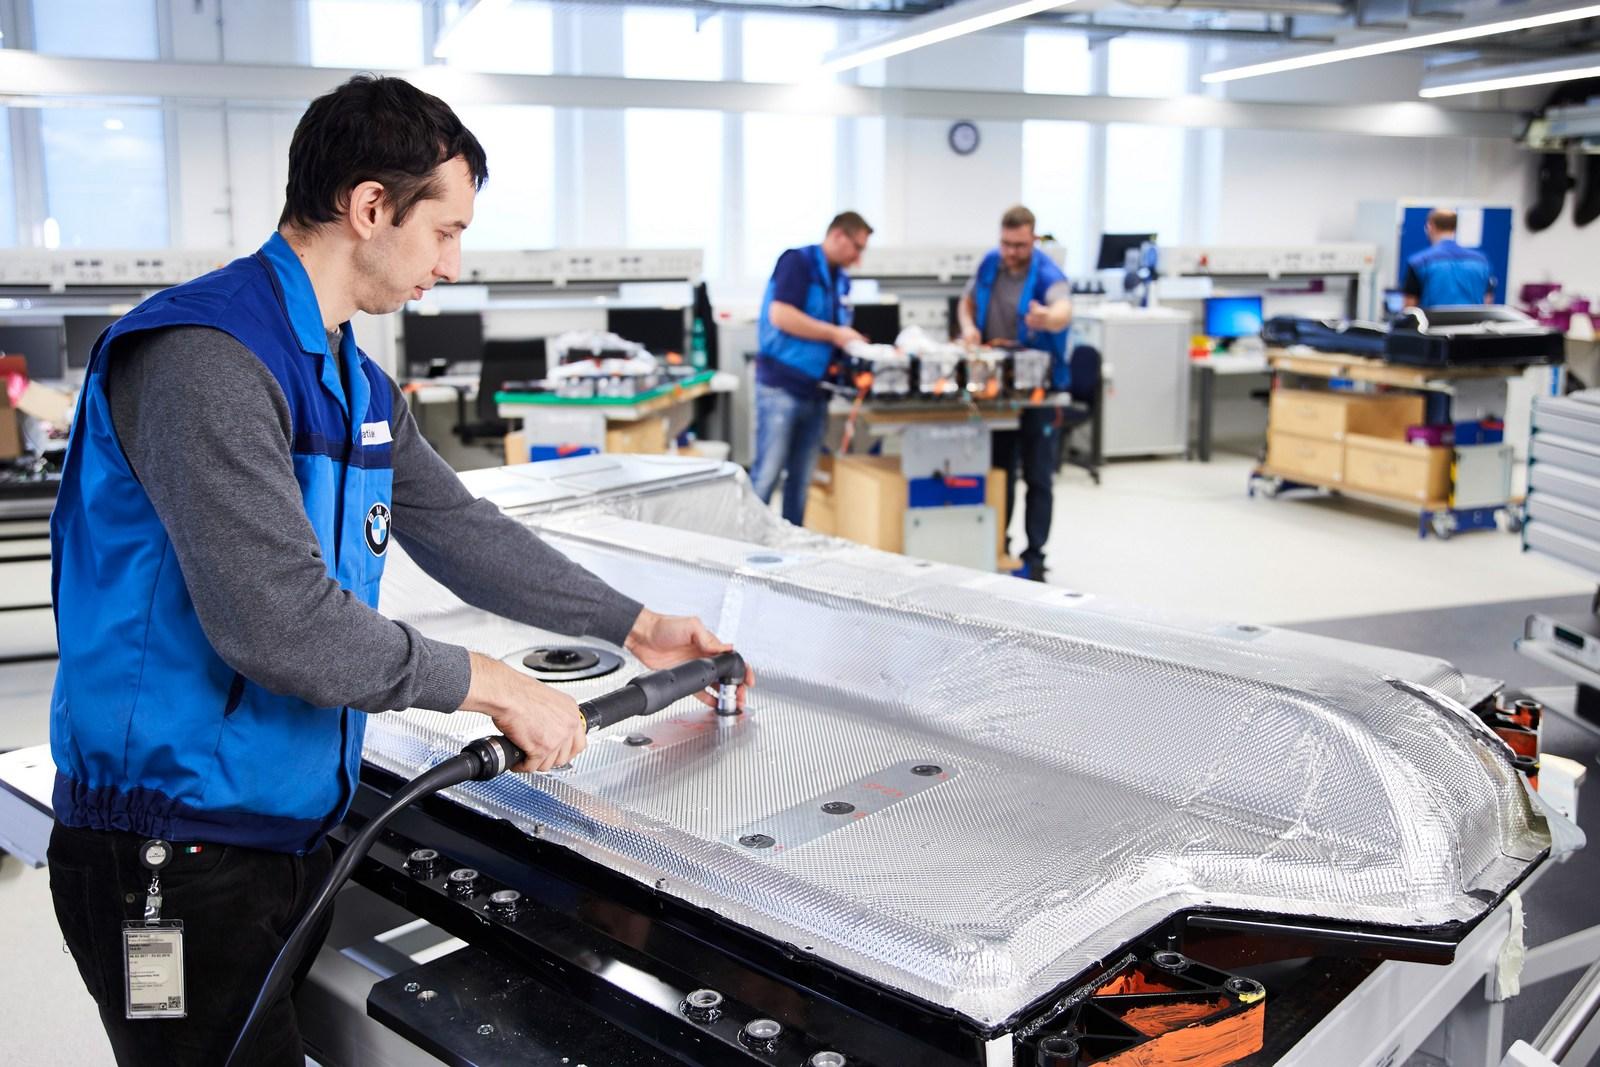 BMW phát triển xe điện phạm vi 700km 2